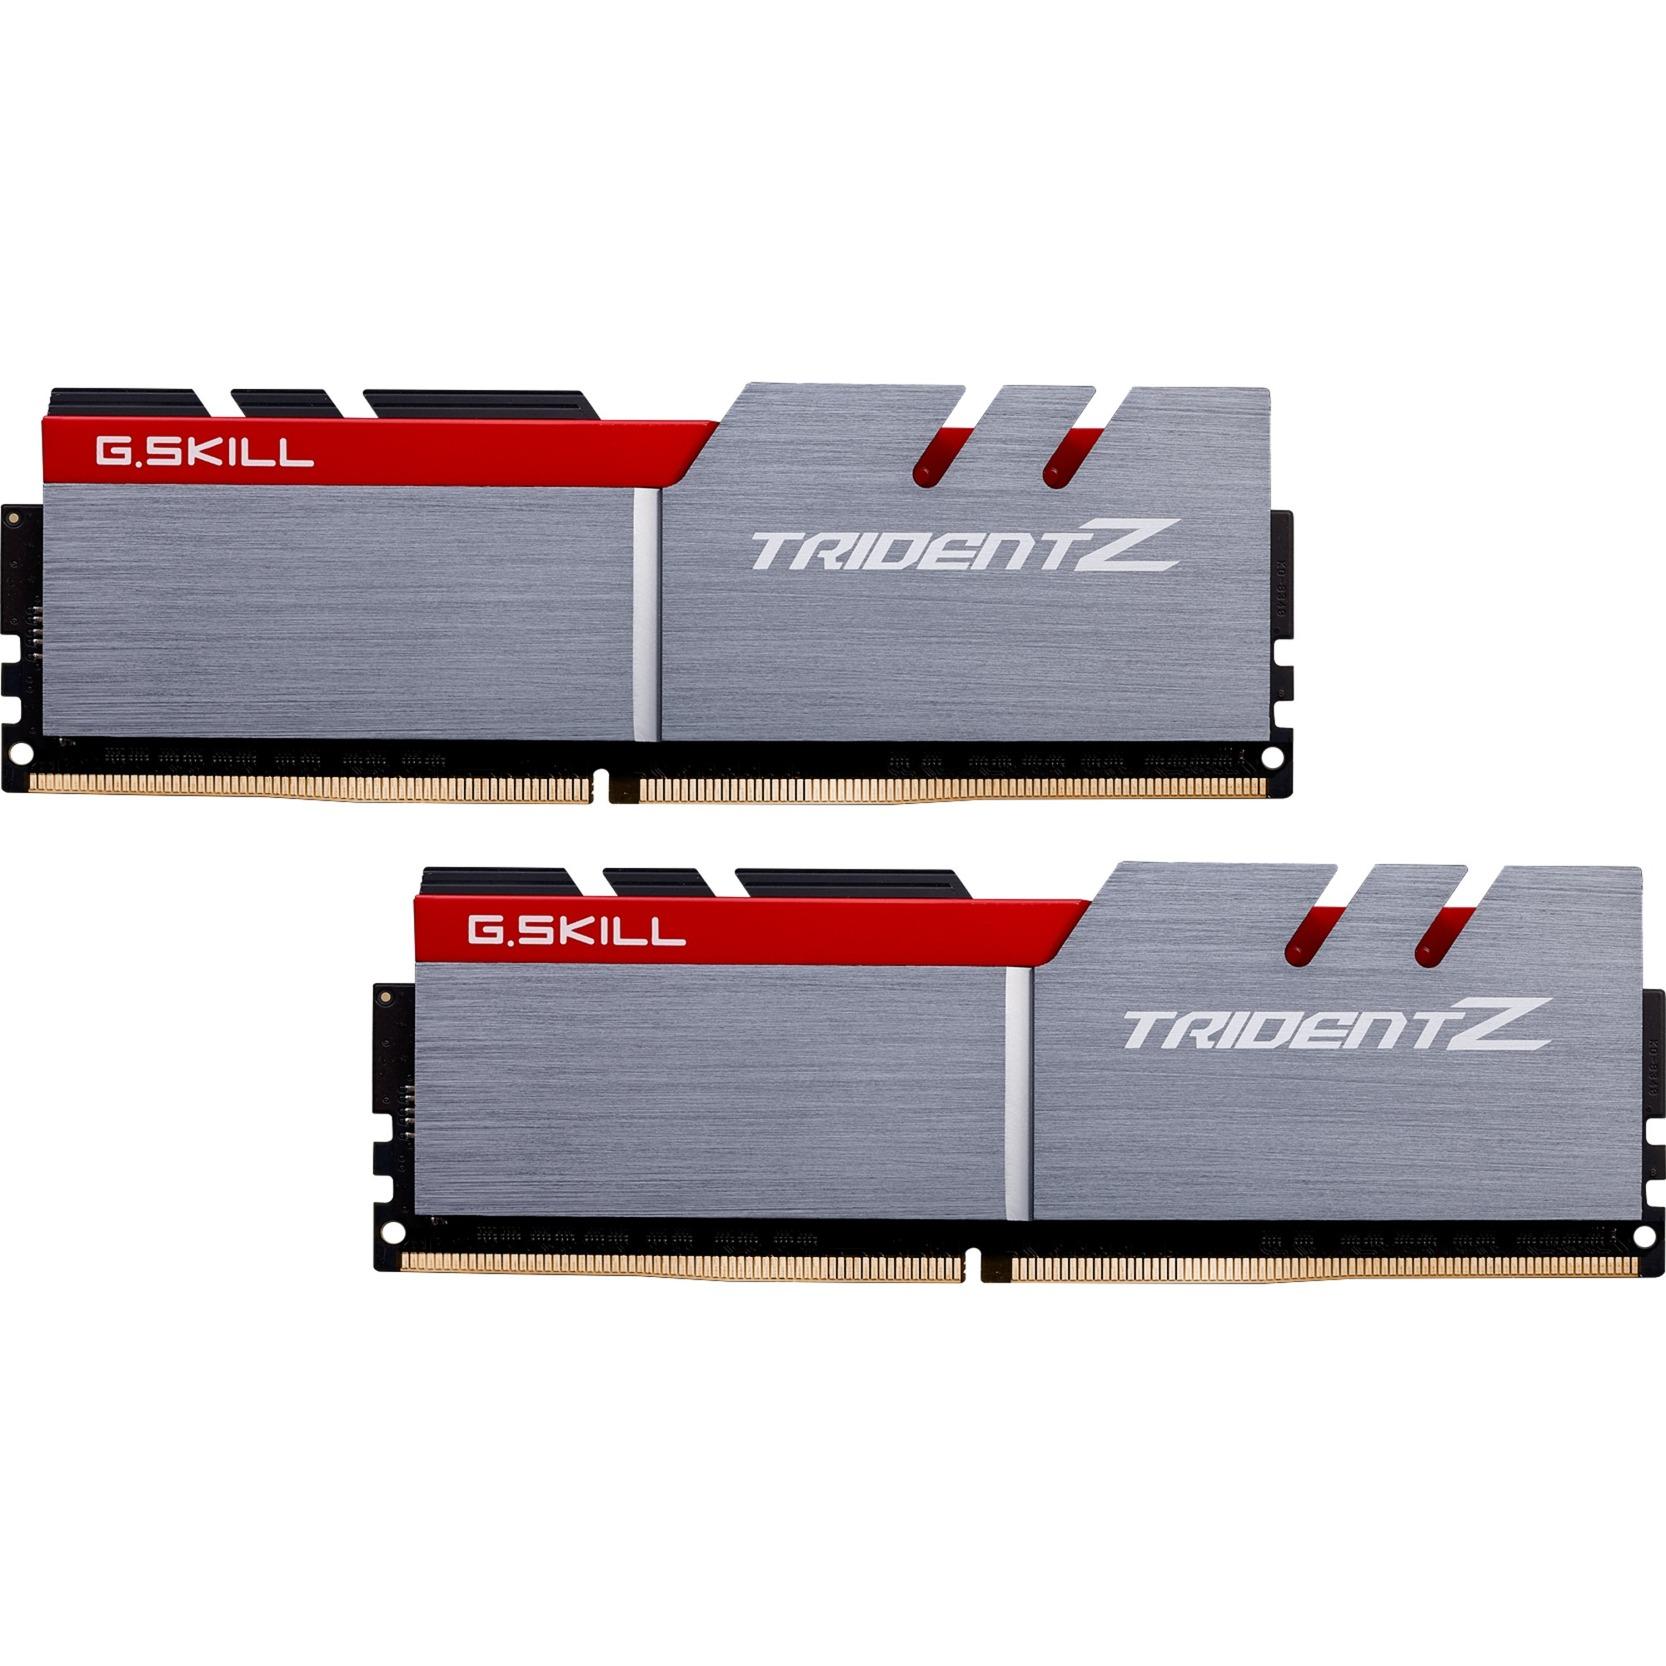 Trident Z 16GB DDR4 16Go DDR4 4266MHz module de mémoire